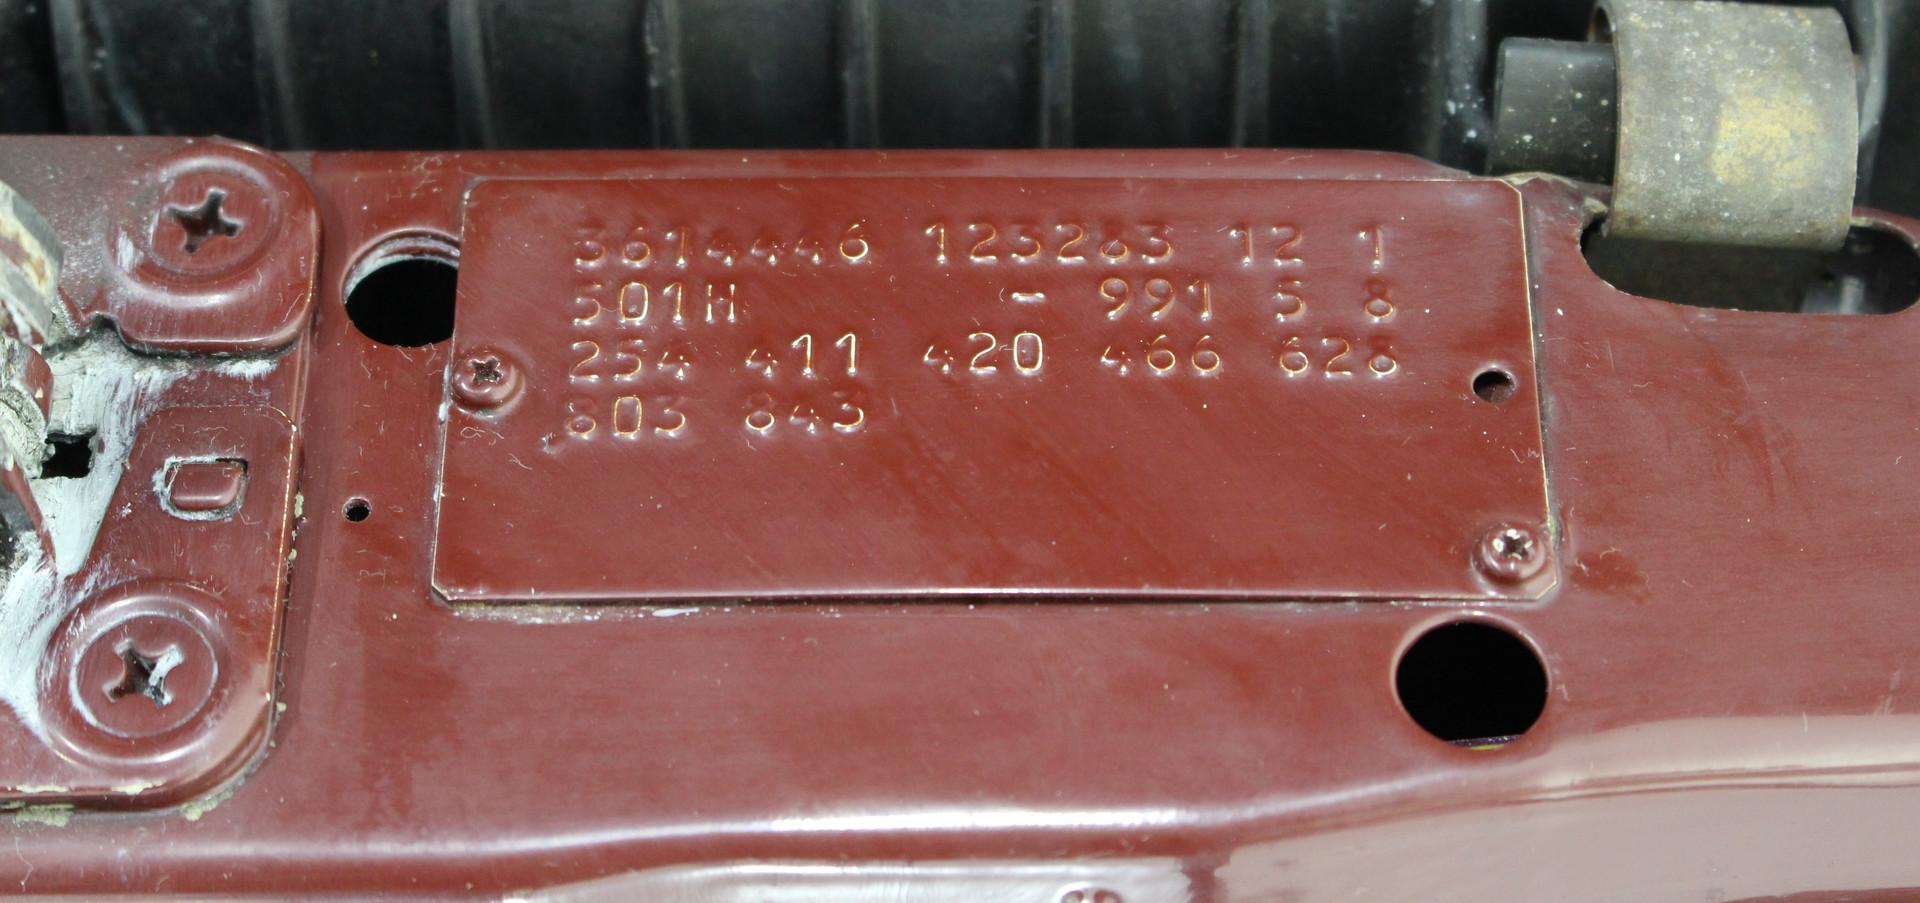 MB_230TE_1981_31.JPG